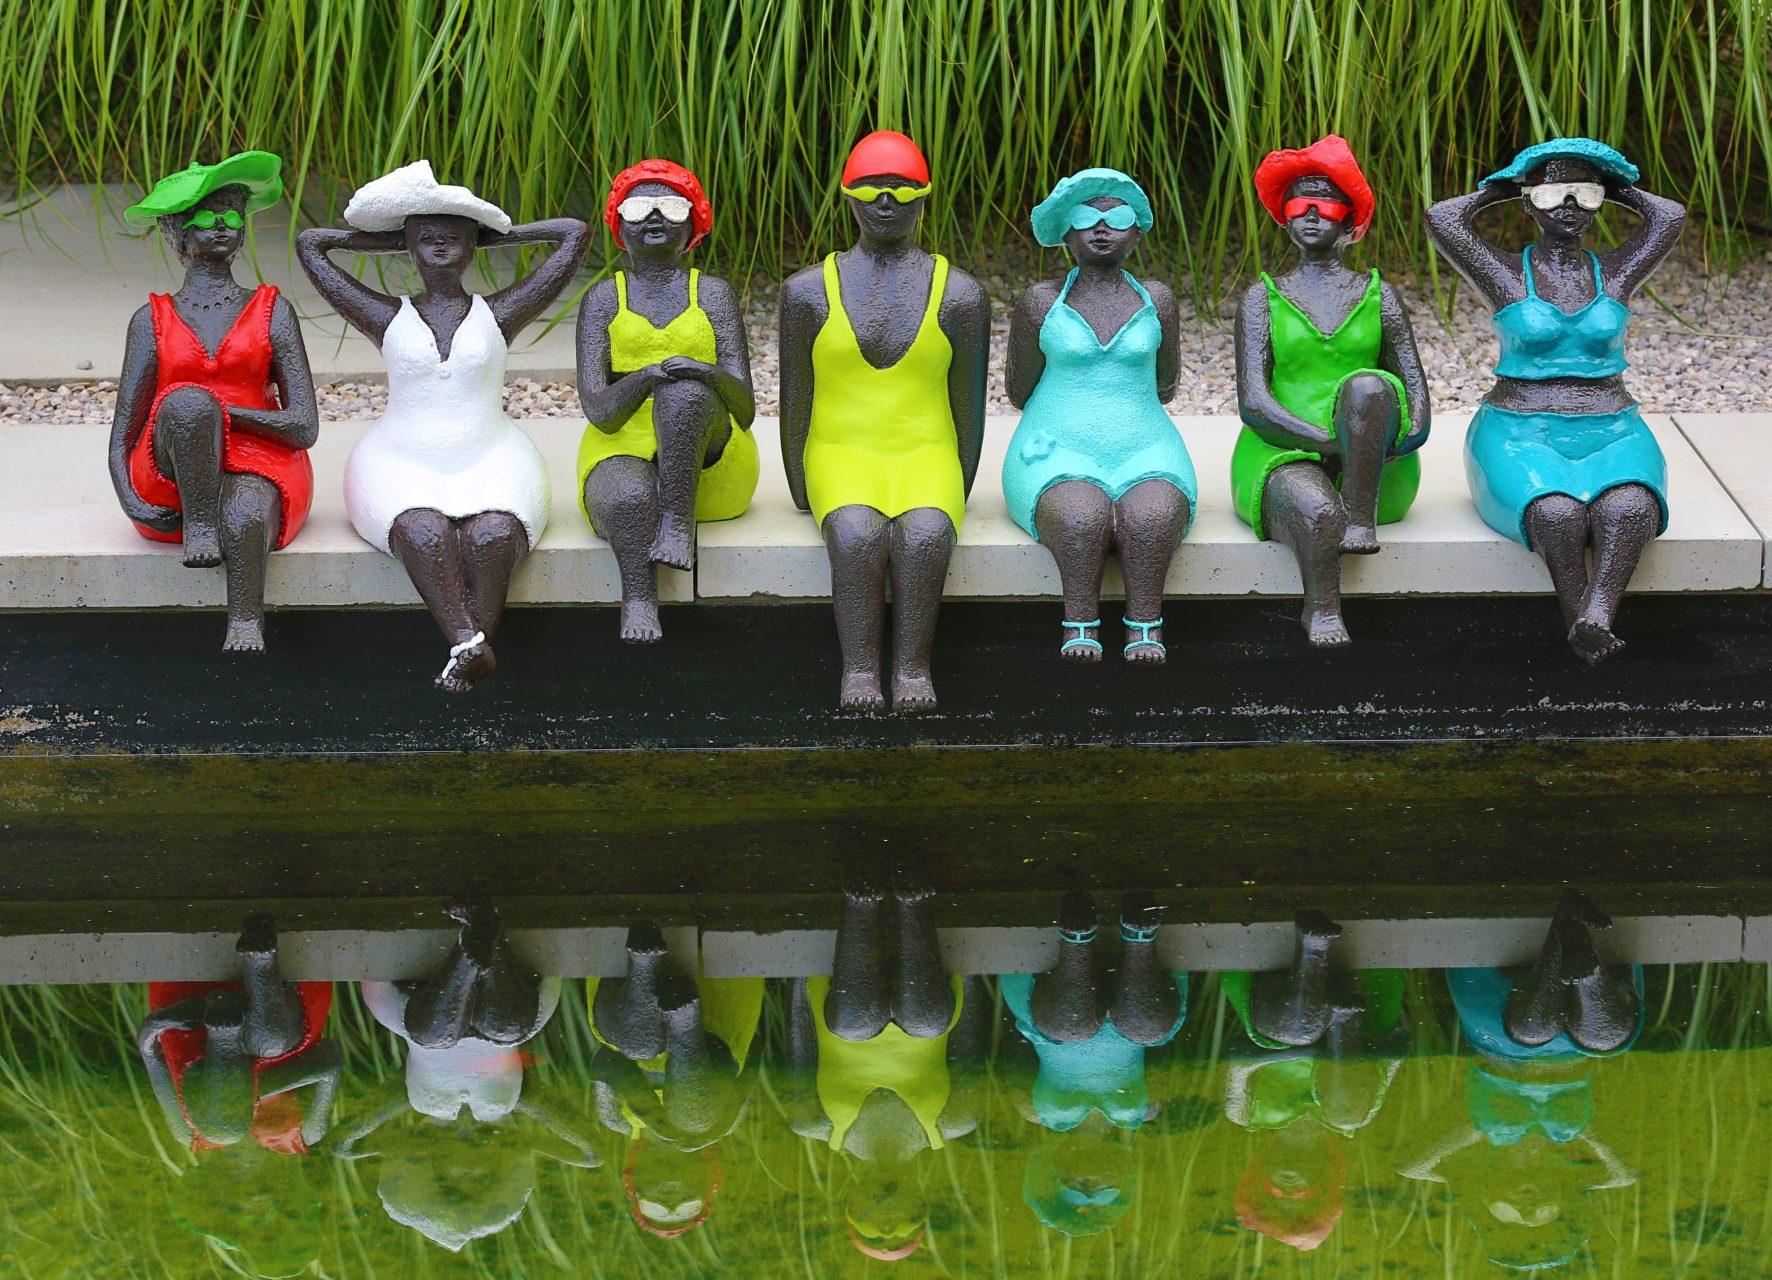 Een vrolijke bende op een rij - polyester | kunst voor aan het water